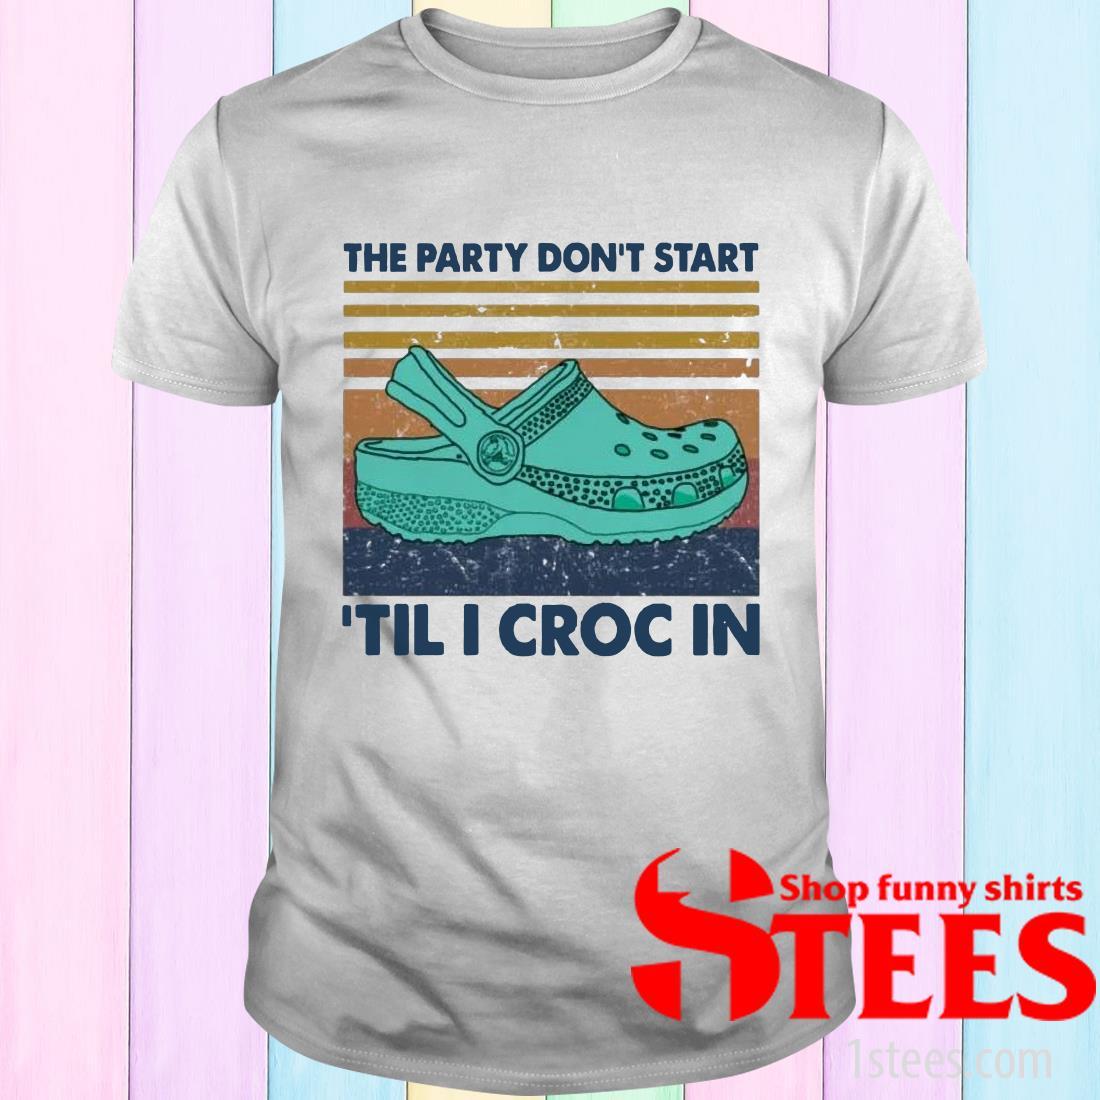 The Party Don't Start 'Til I Croc In Vintage T-Shirt